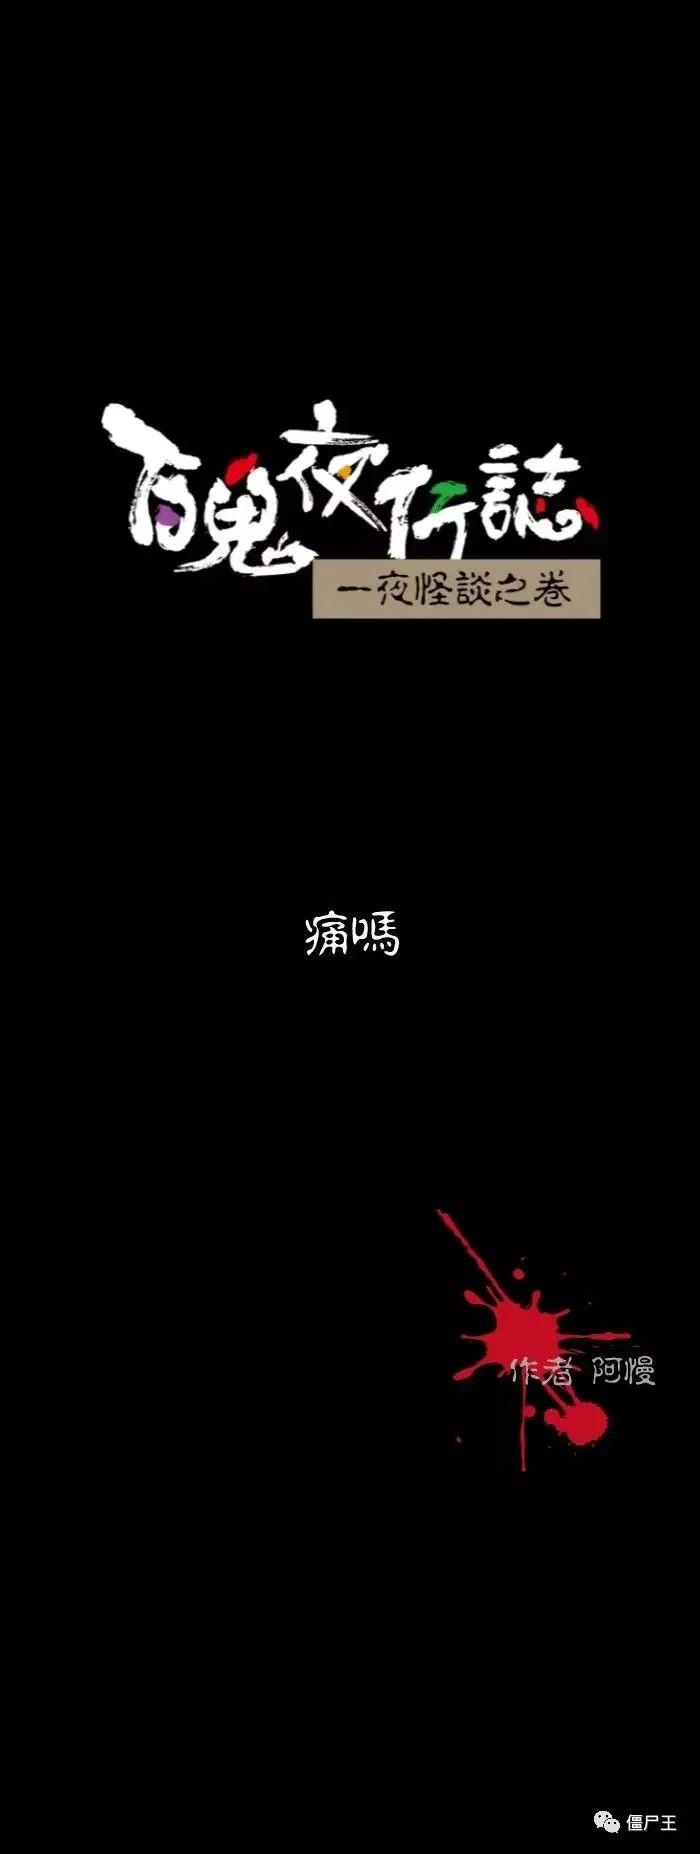 僵尸王漫画:百鬼夜行记之痛吗?